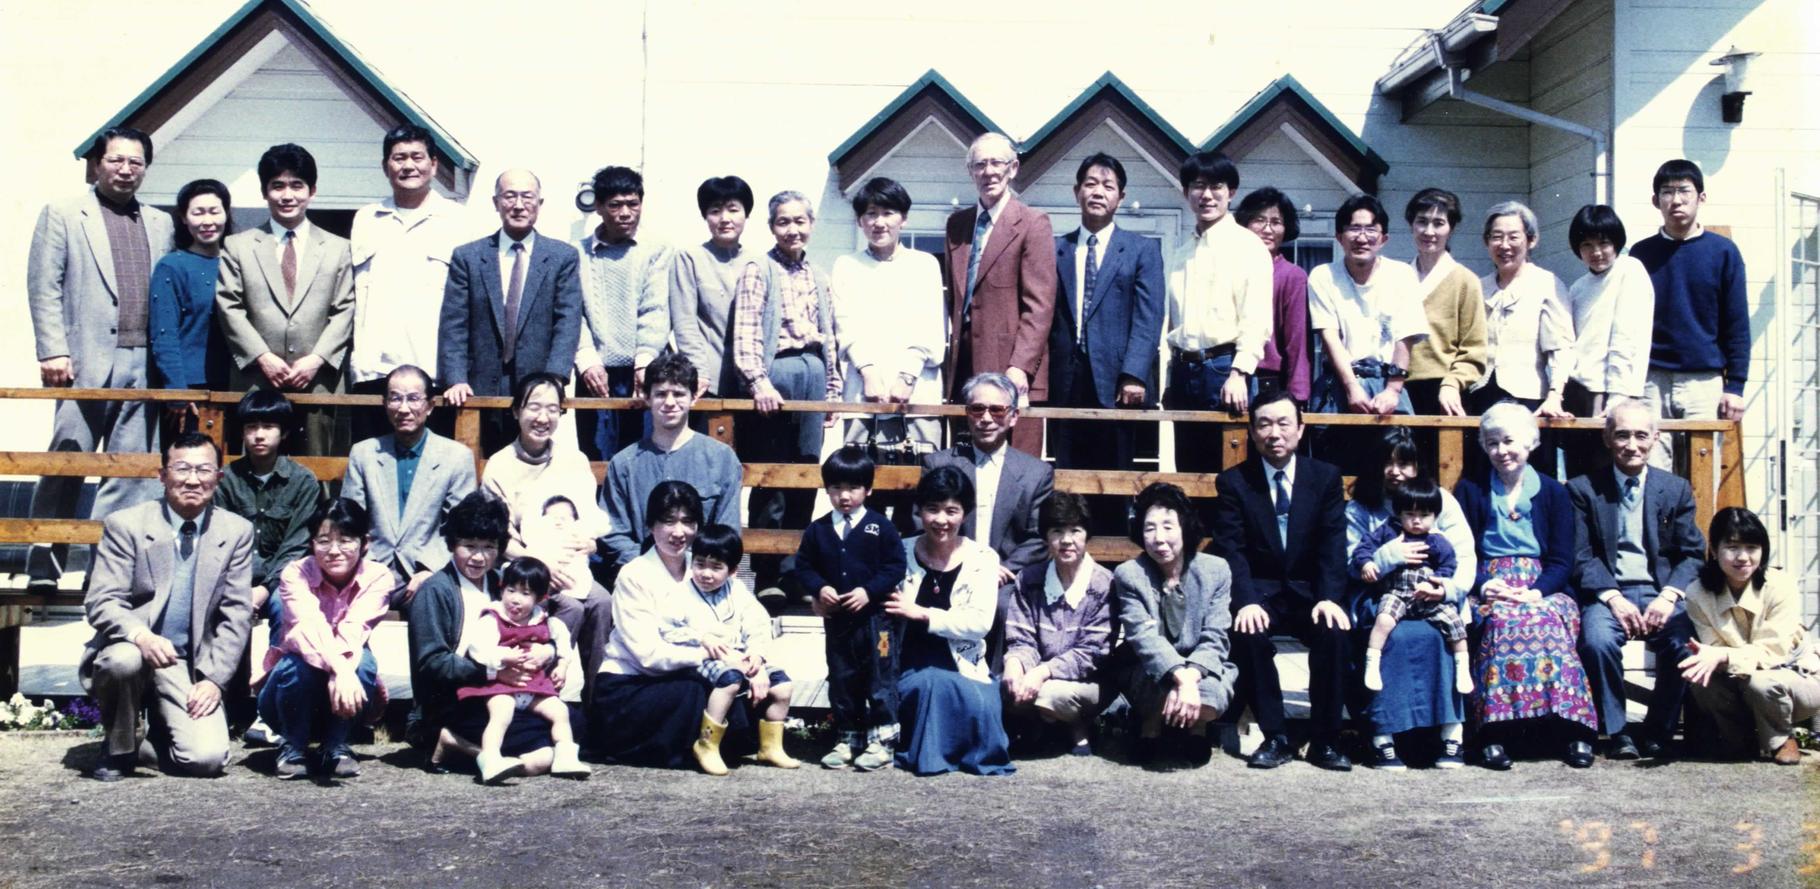 1997年。吉持日輪生・早稚子師夫妻は約20年、牧会されました。